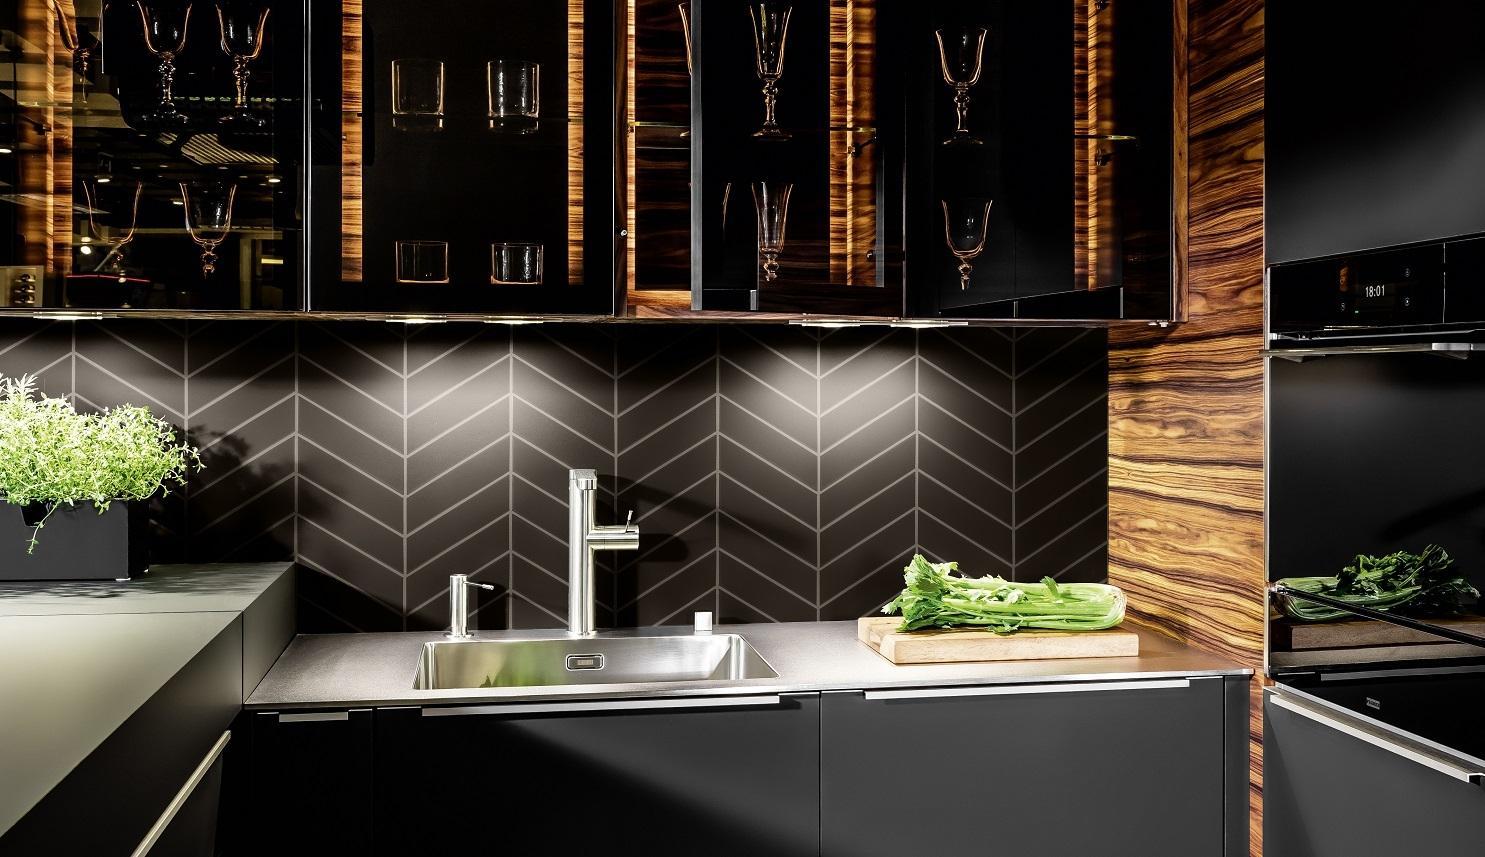 Płytki w nowoczesnej kuchni- sposób na aranżację modnego wnętrza